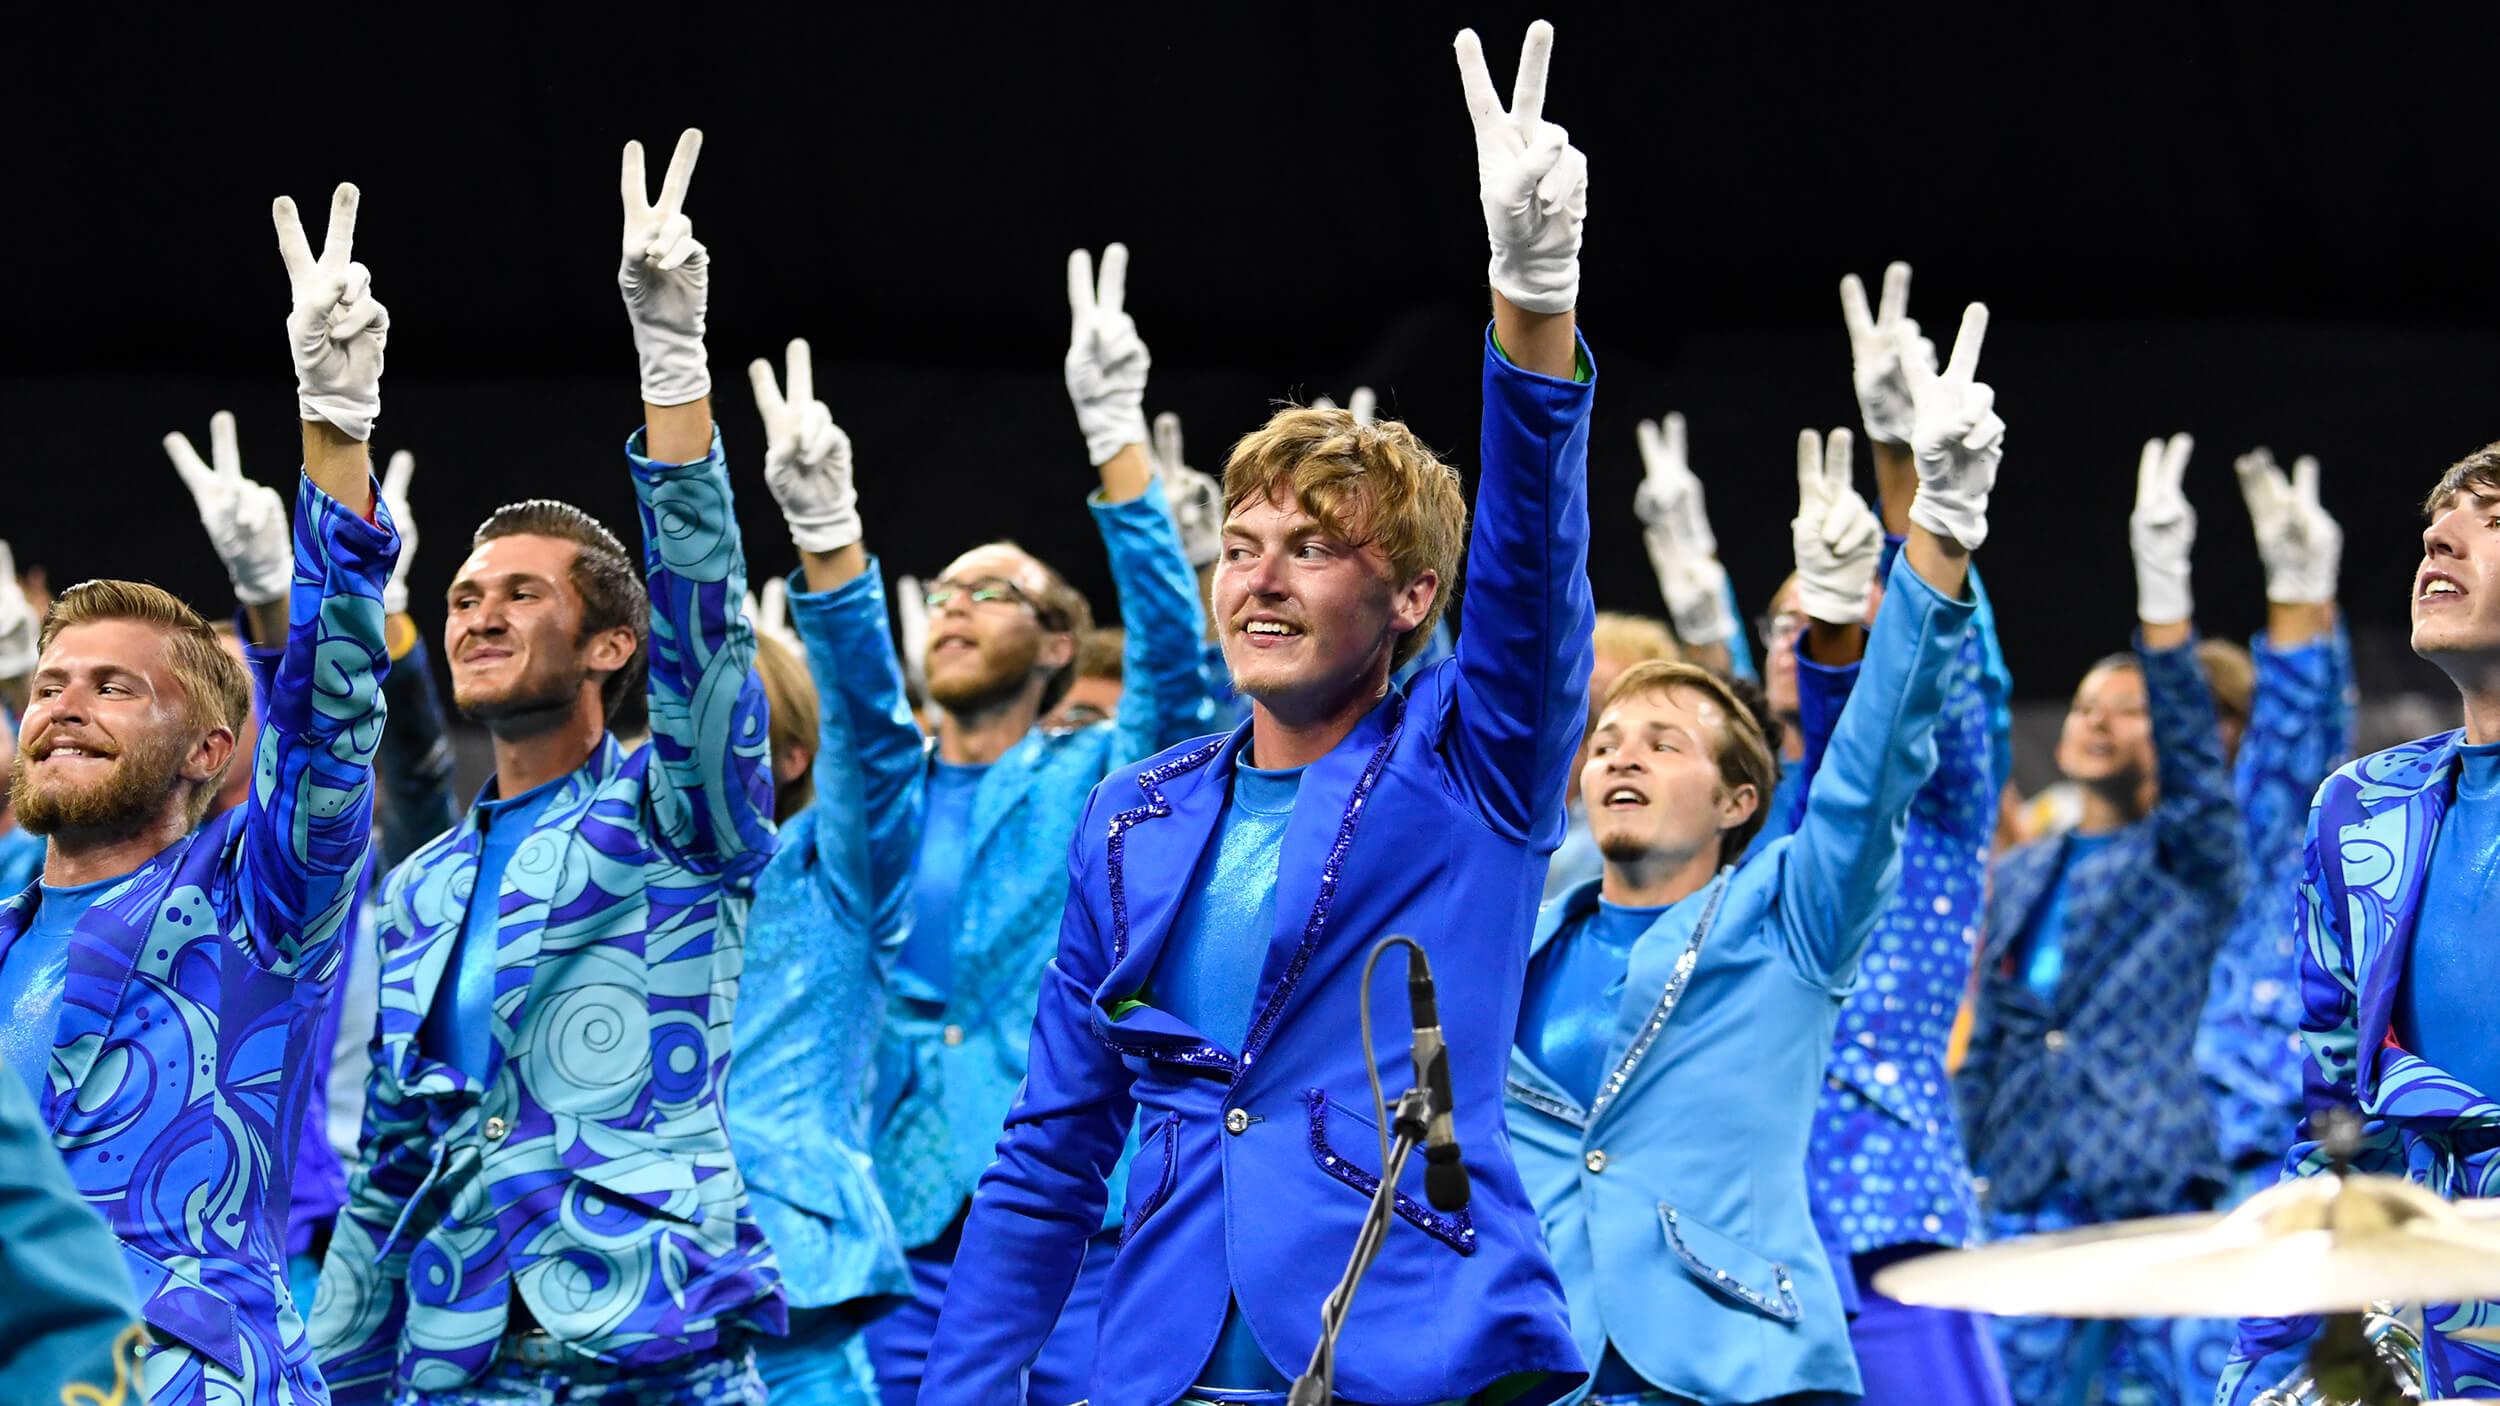 2019 Bluecoats